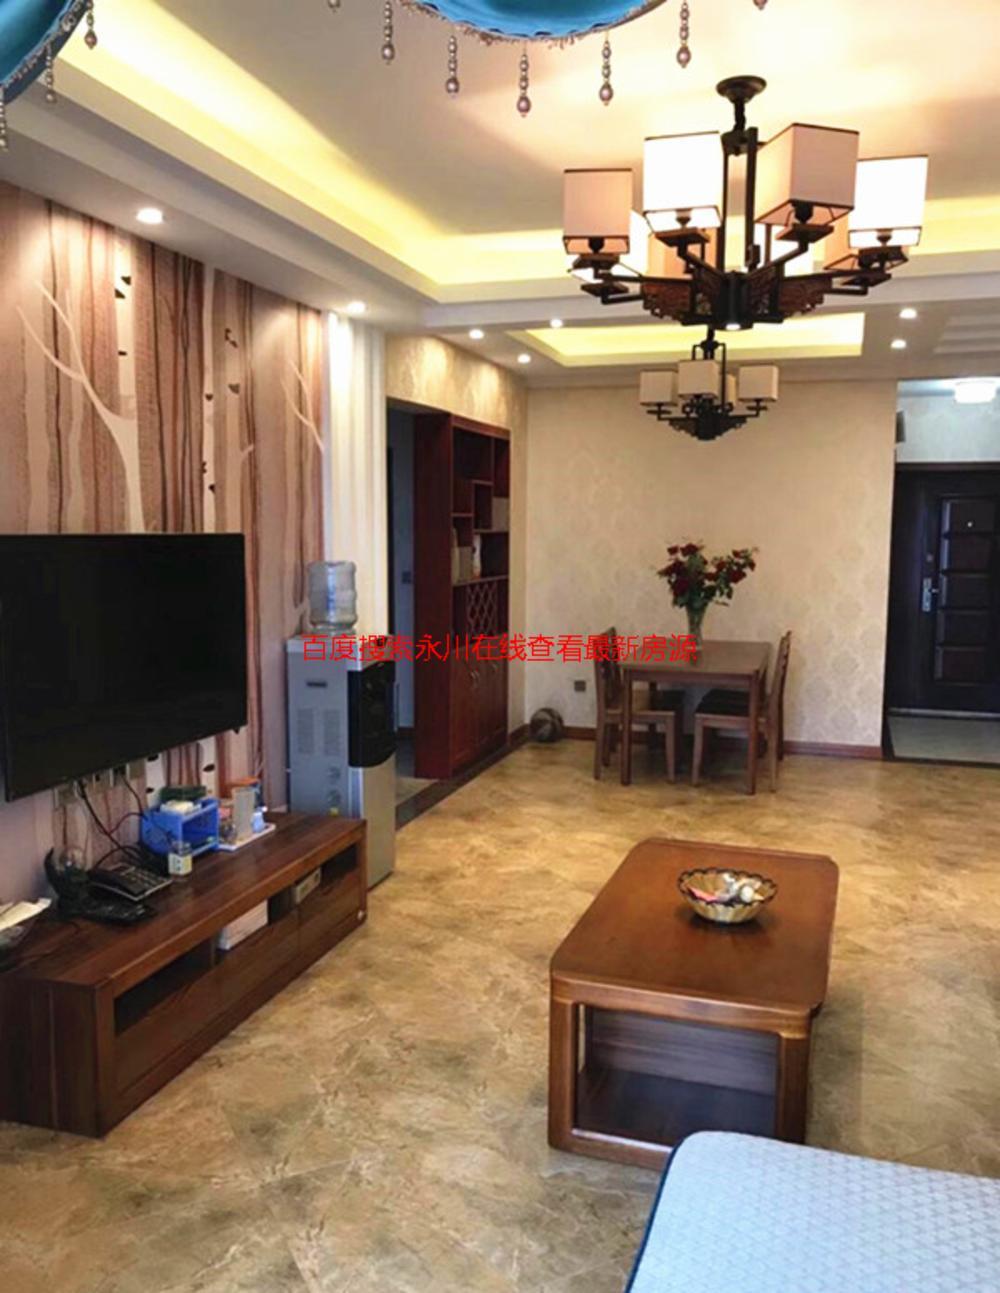 兴龙湖1号豪装三十万带品牌家具电器出售